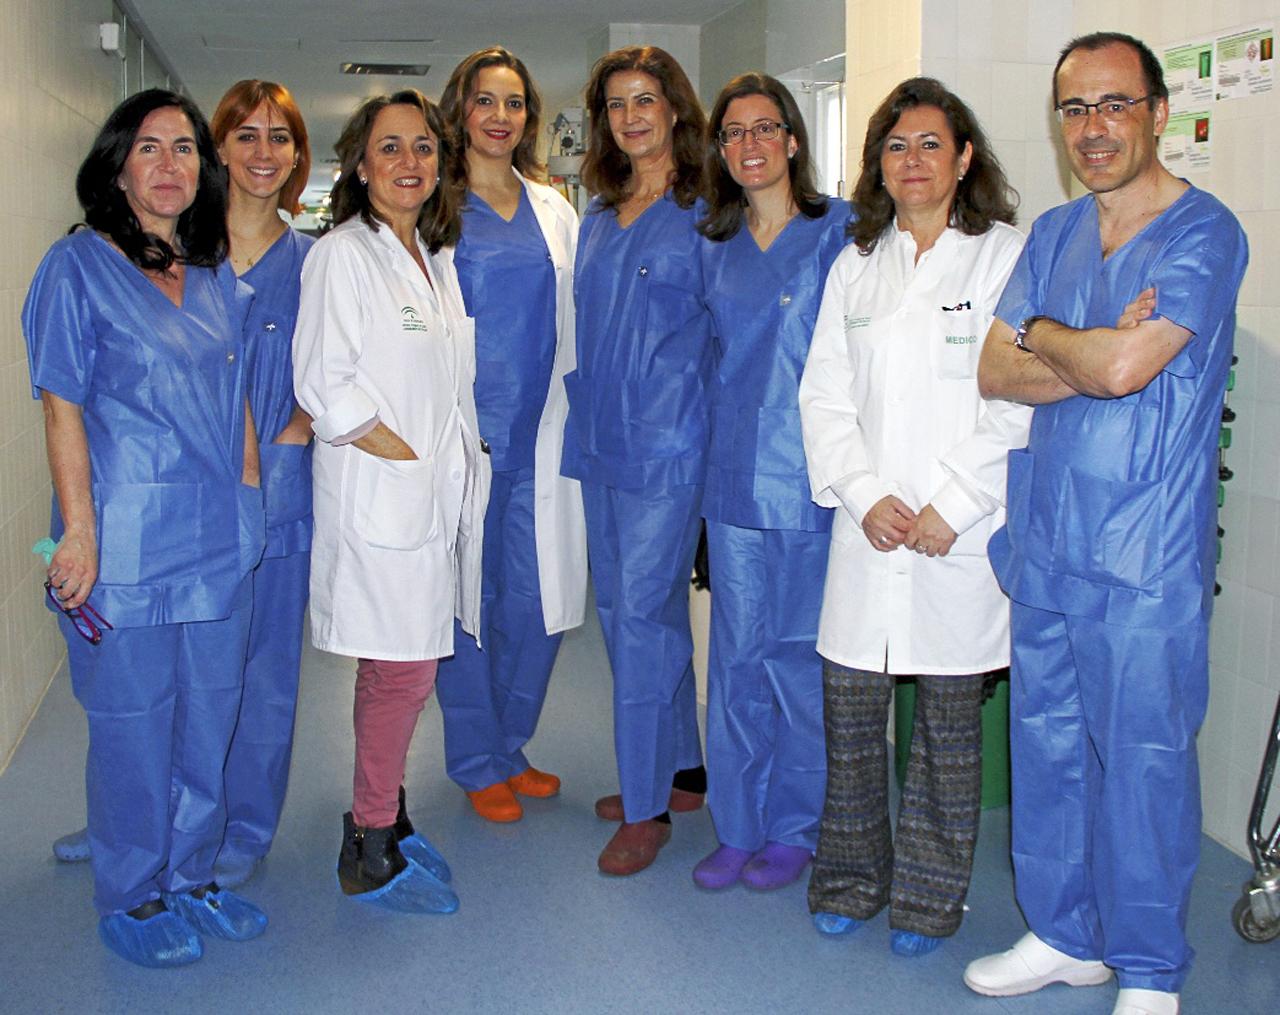 Paola Fernández, Beatriz Bascuas, Gema del Estad, Manuela Molina, Teresa Cambil, Rosa Abalat, Soledad Gómez y José Antonio Terrón.